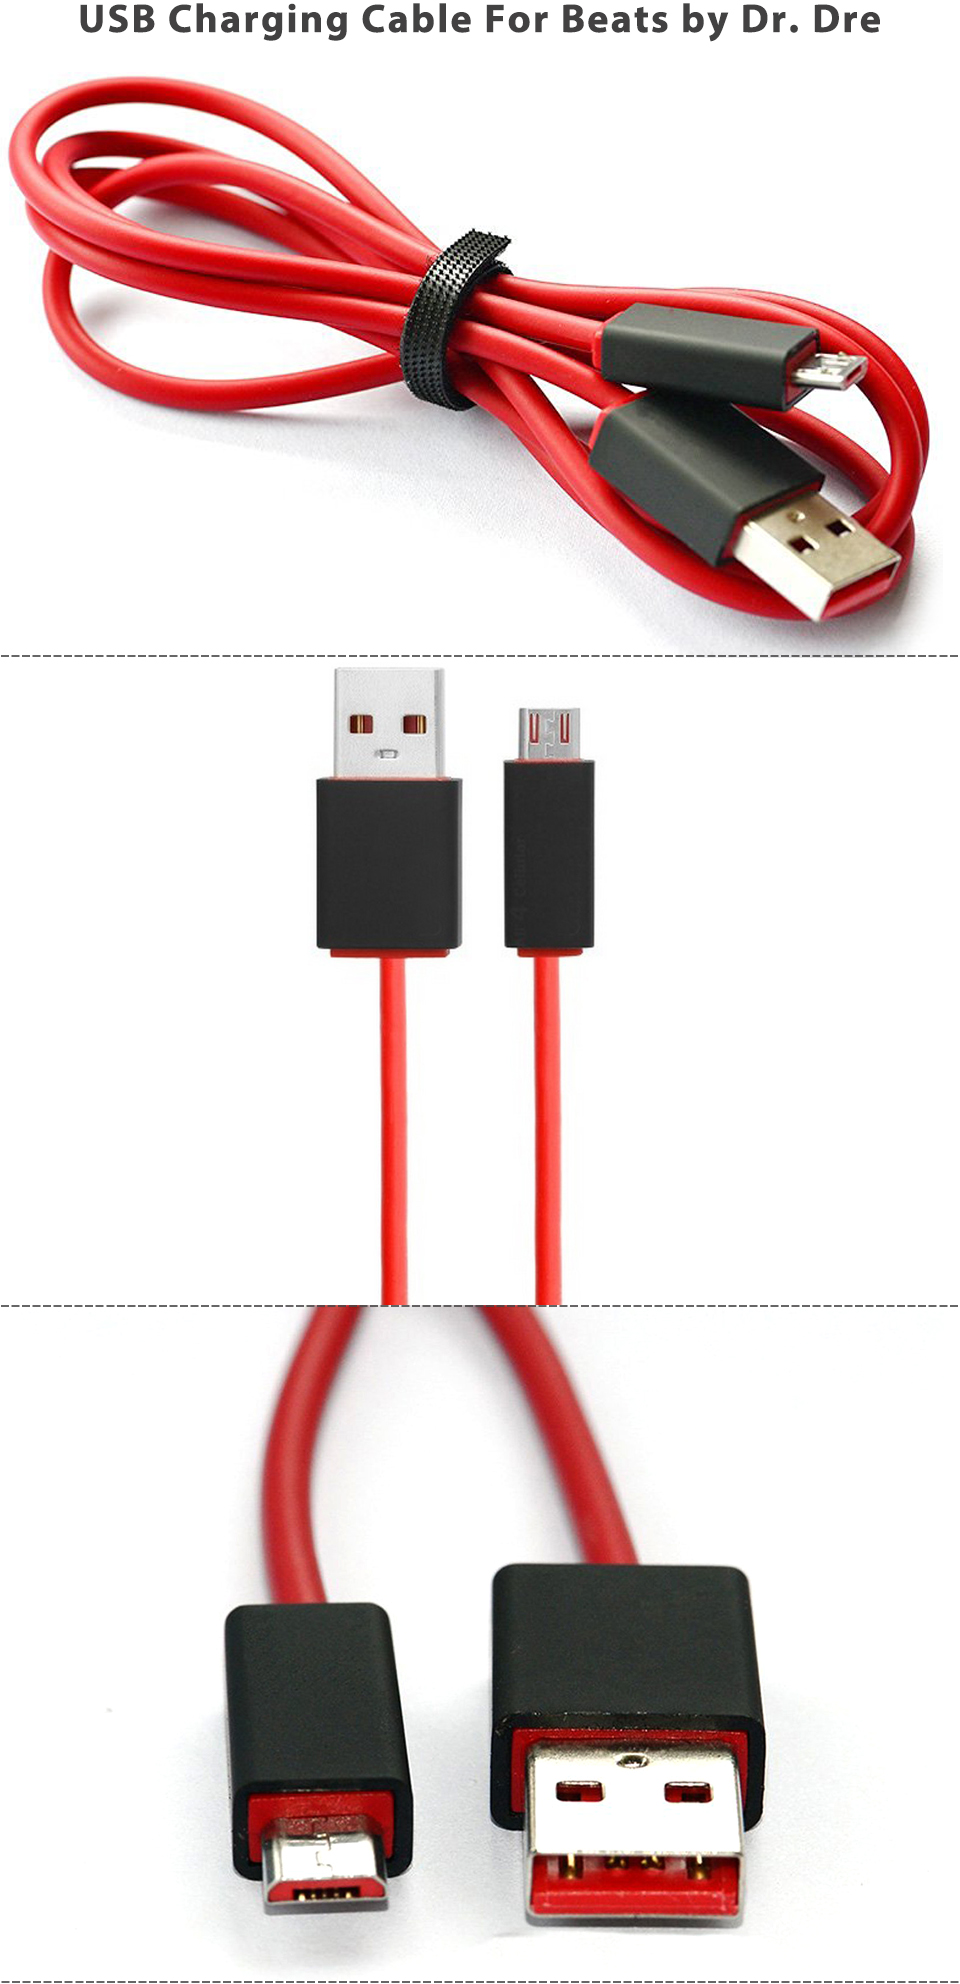 Beats wireless headphones wire replacement - orange beats wireless headphones